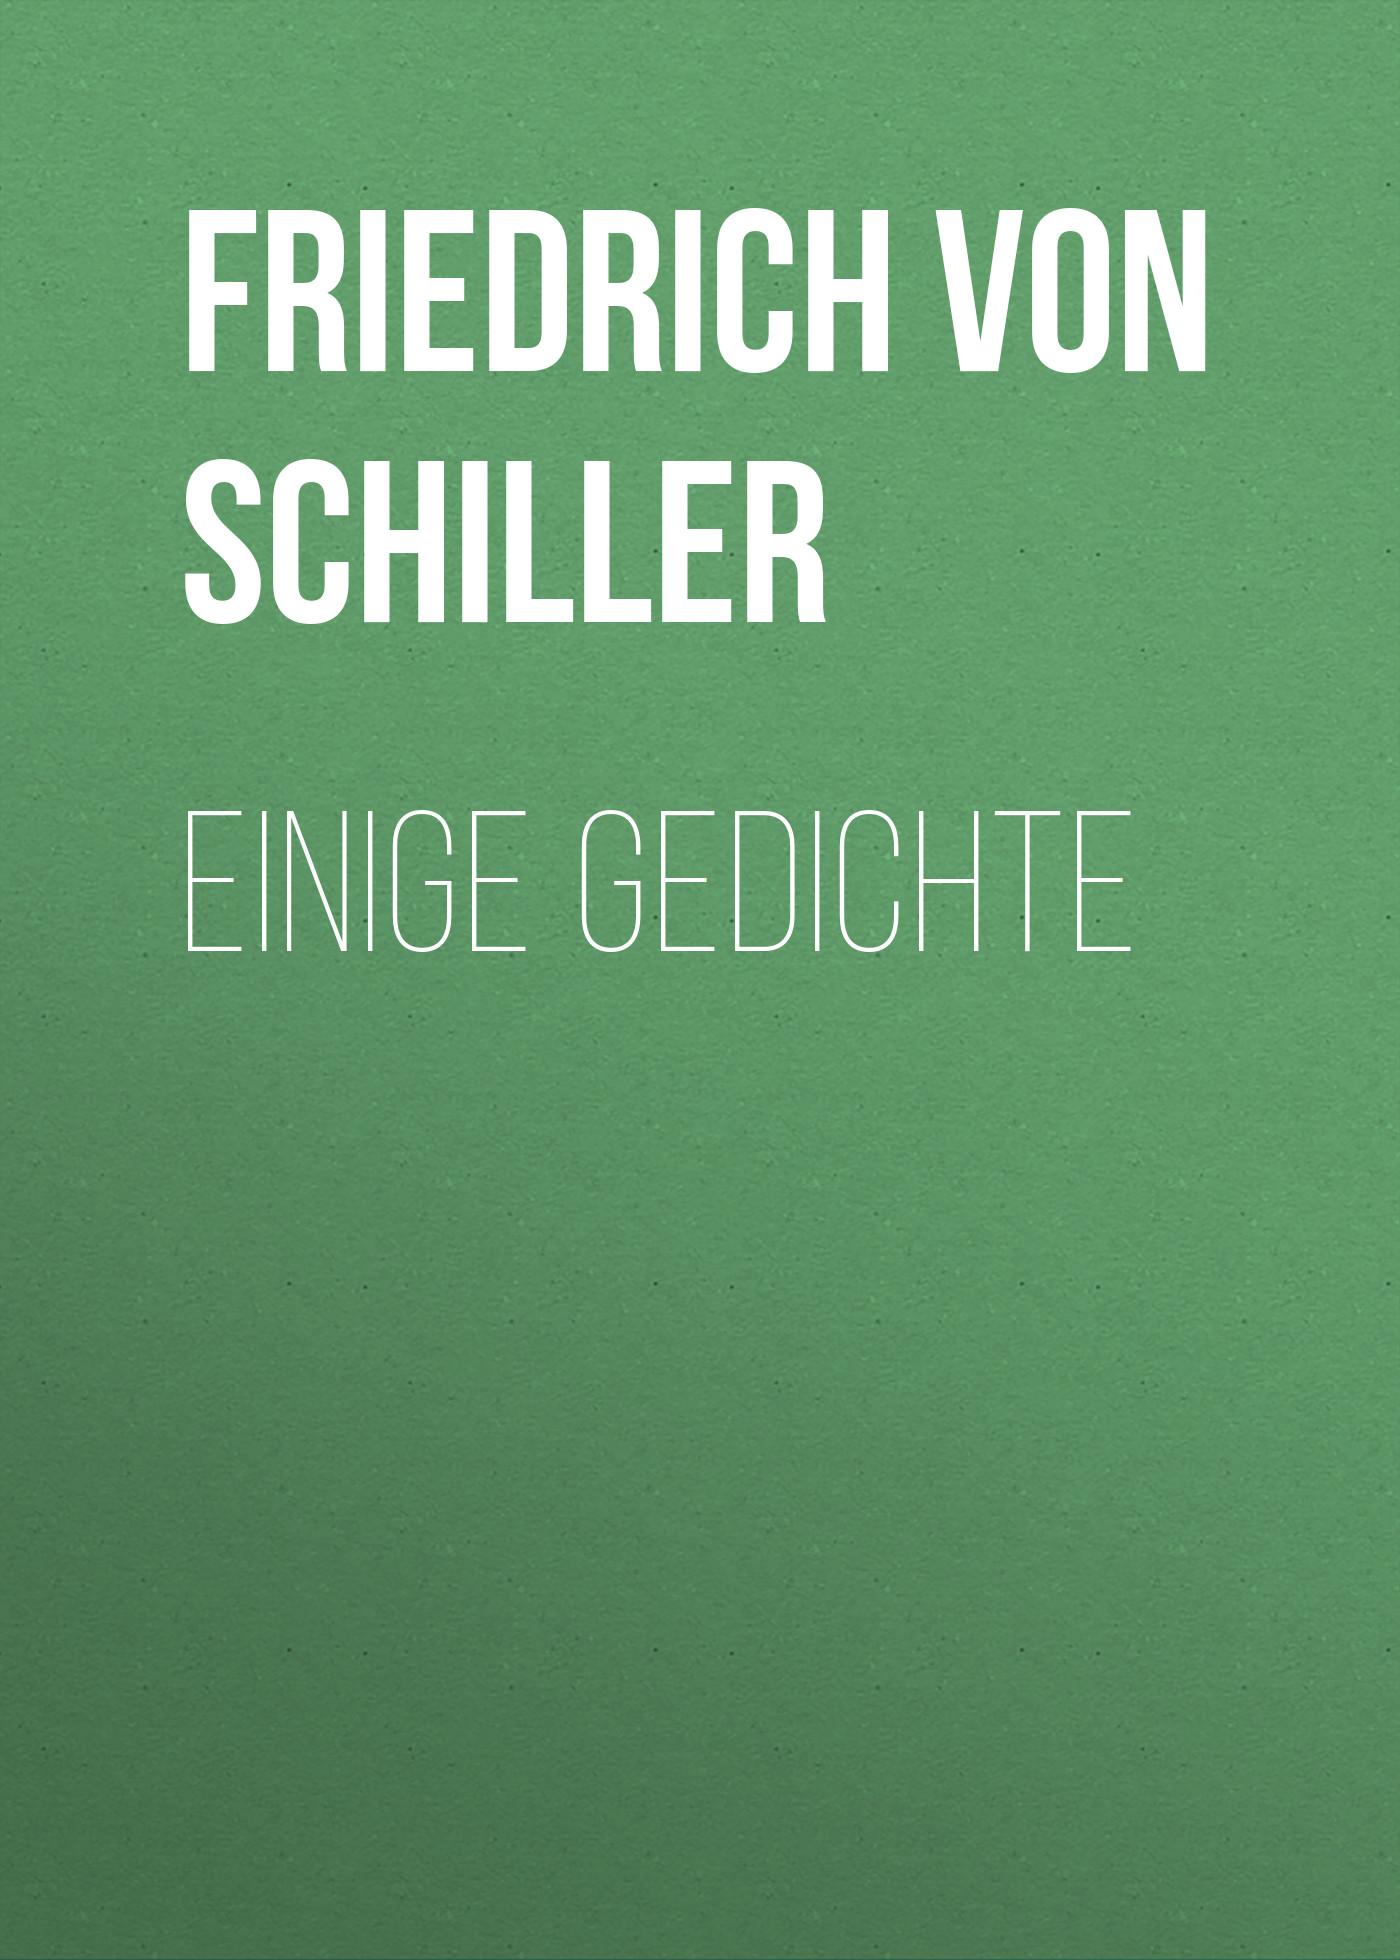 Friedrich von Schiller Einige Gedichte friedrich kind friedrich kind s neuere gedichte vol 1 classic reprint